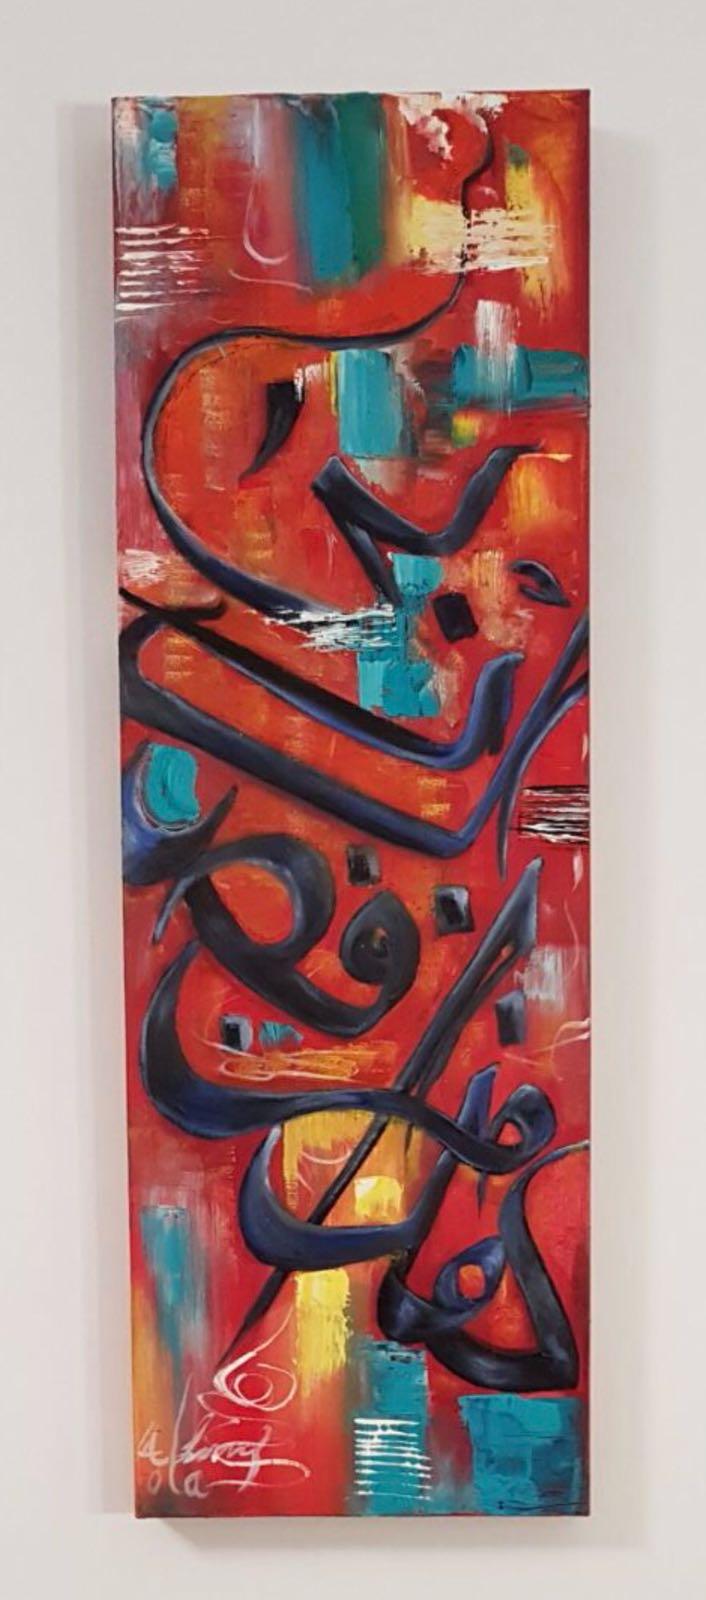 لوحة في الخط العربي من توقيع عُلا السرّاج